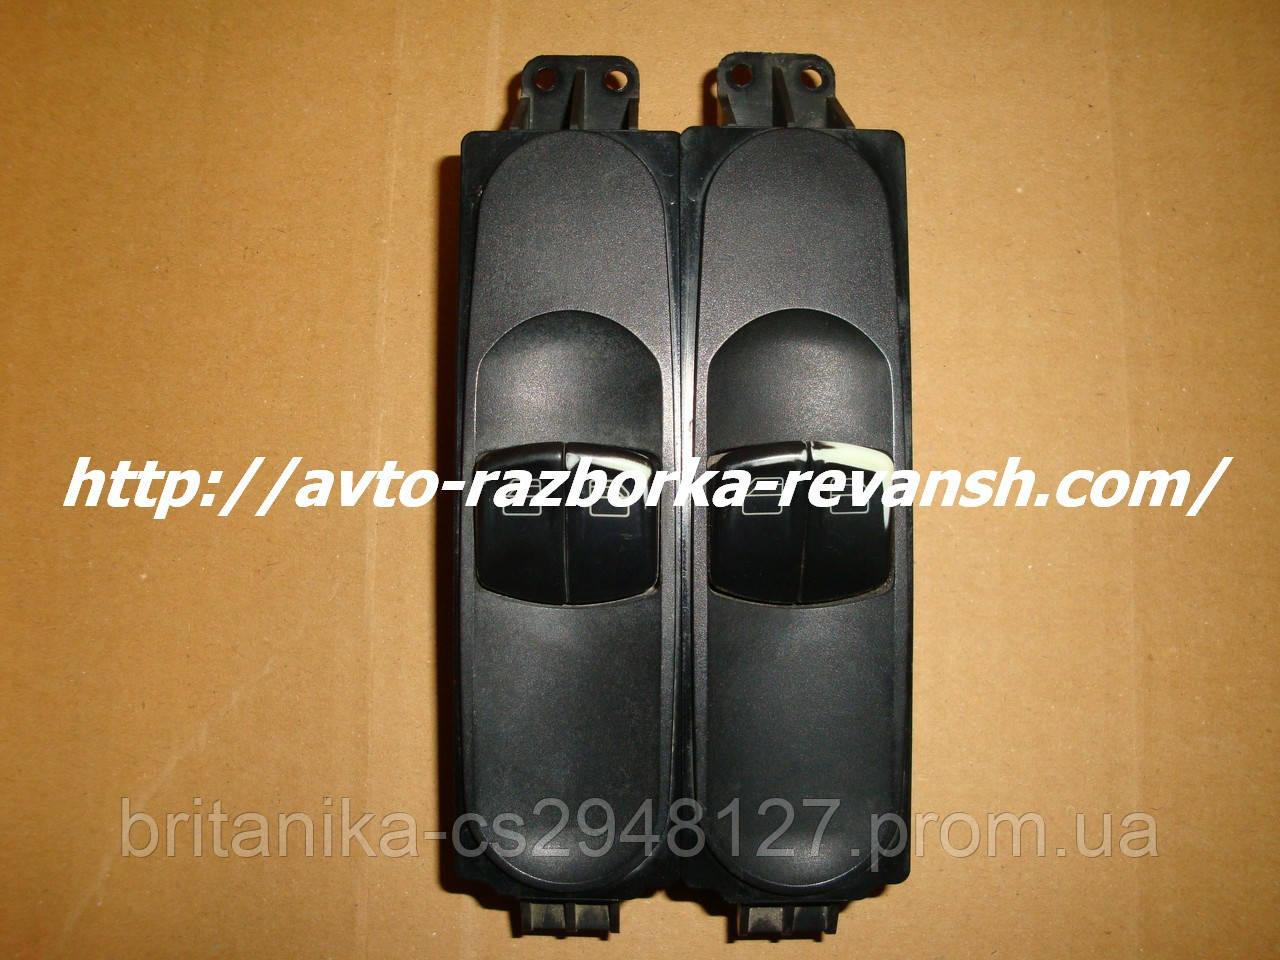 Блок управления электростеклоподьемников Вито W639 L(водительский)